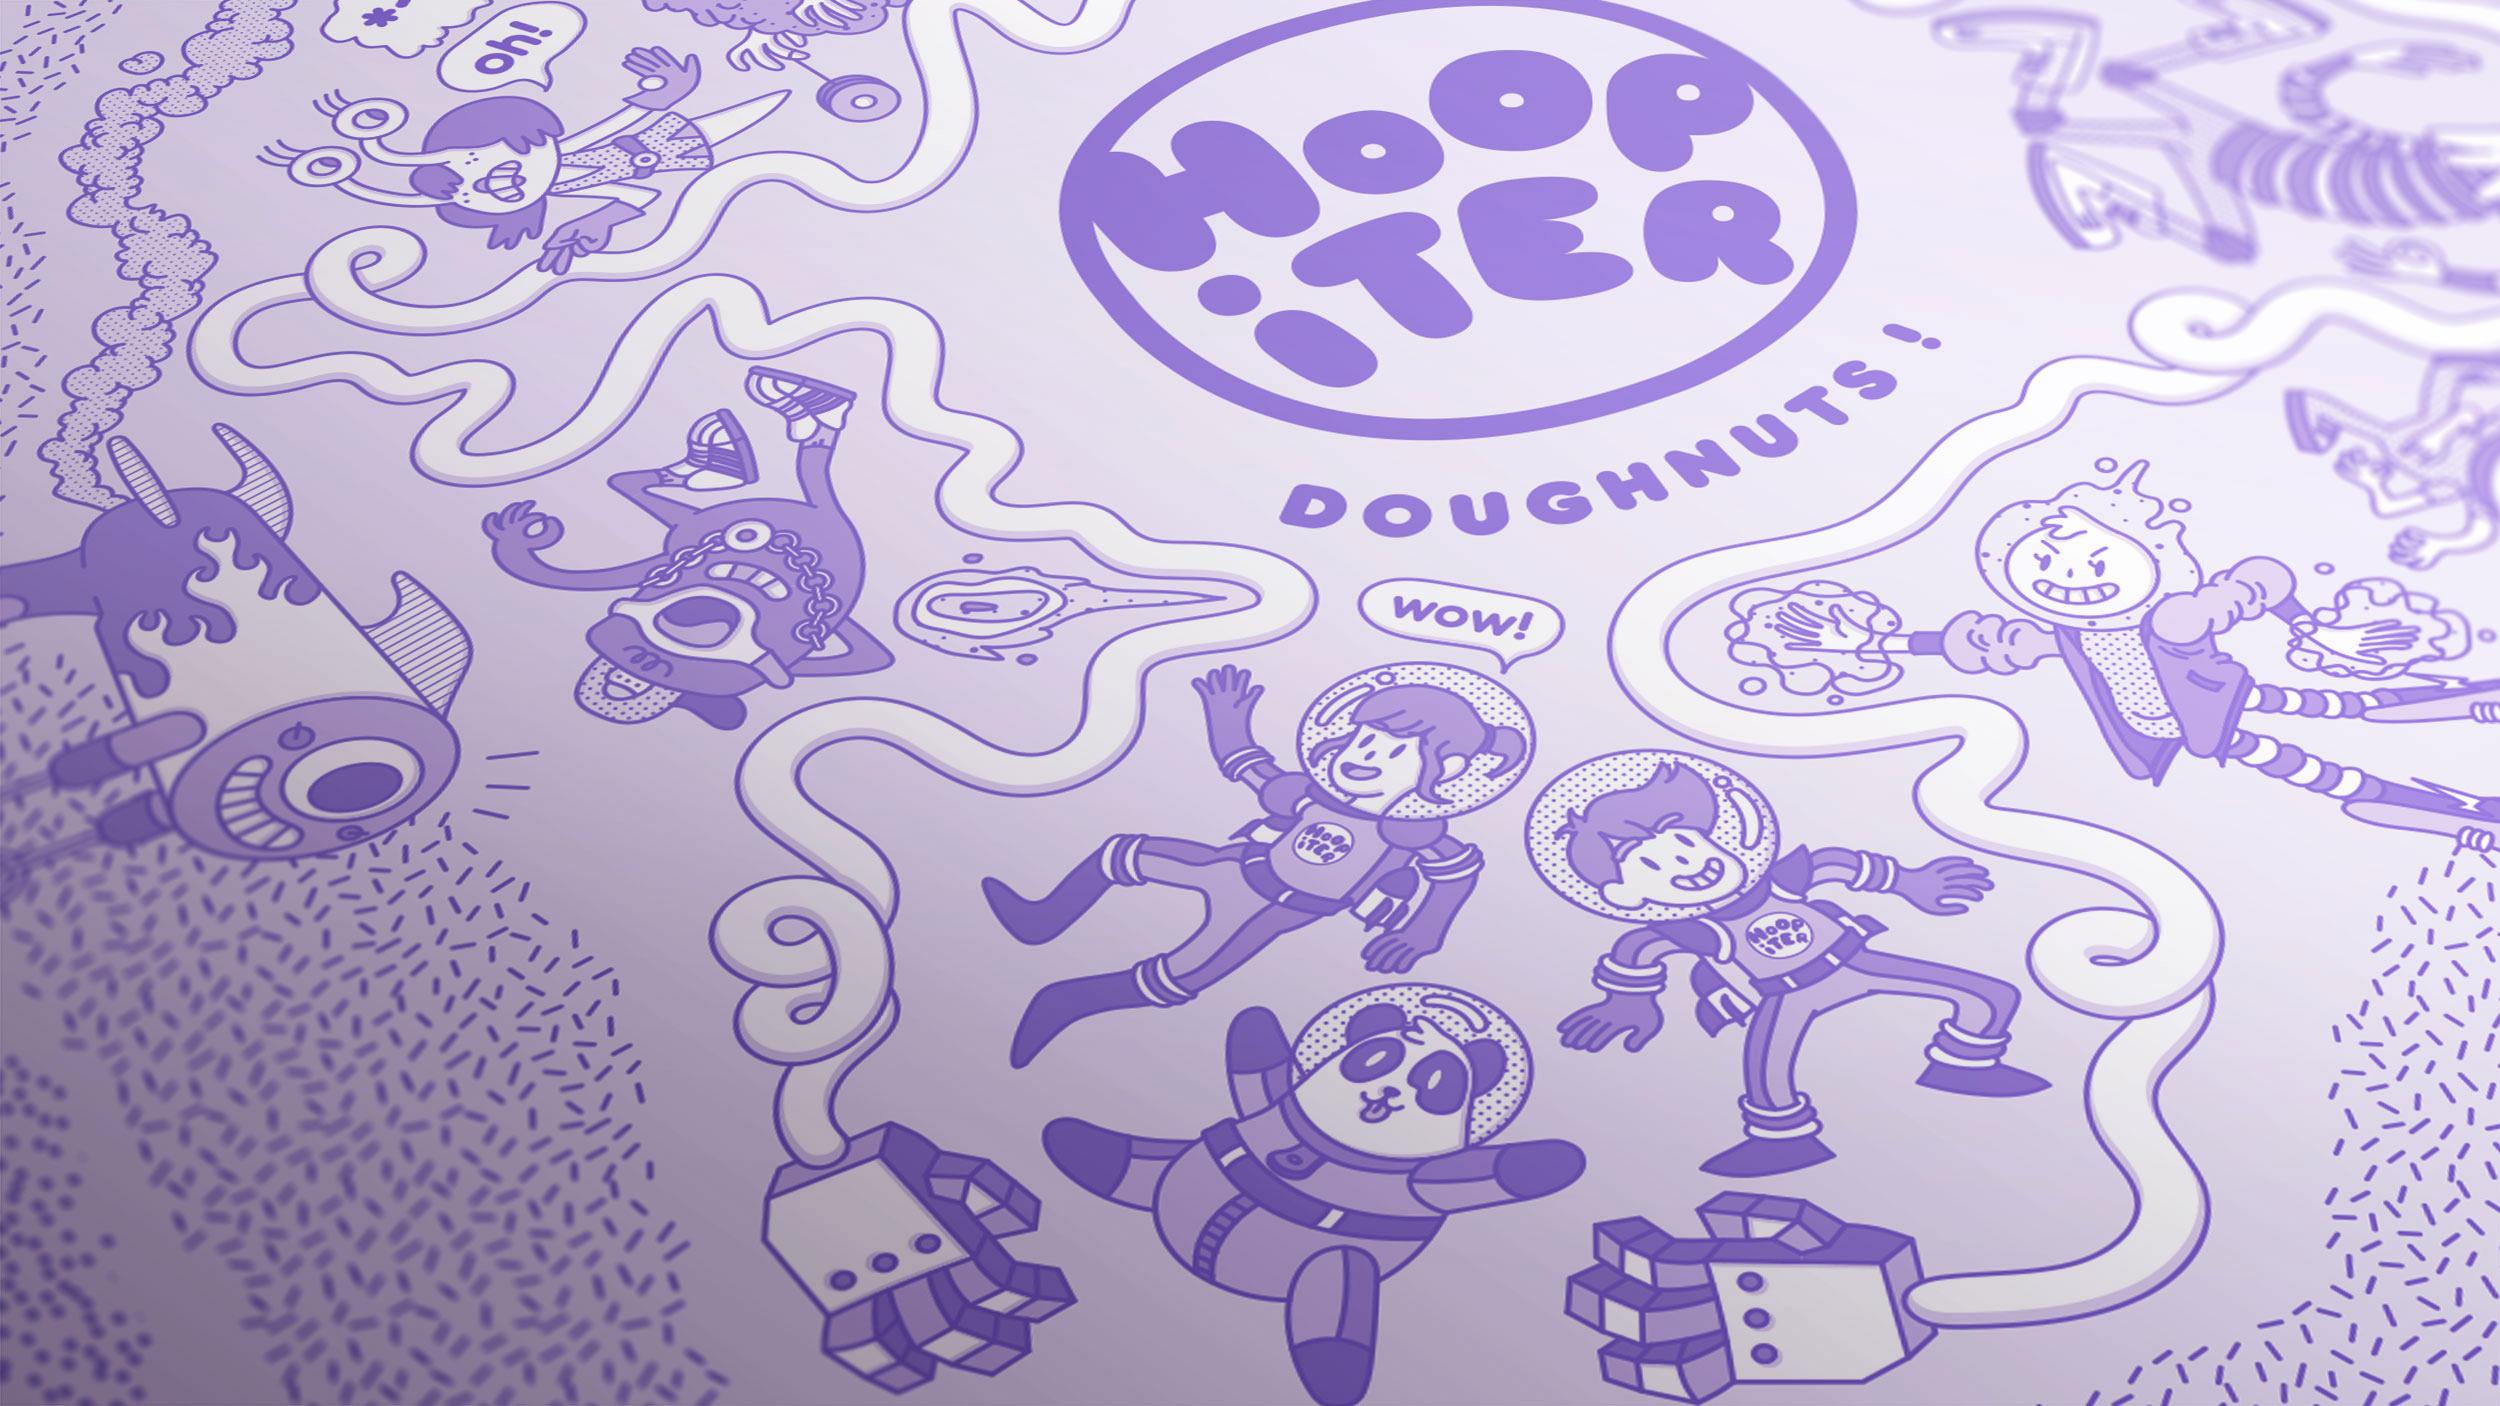 Hoopiter_Universe illustration.jpg